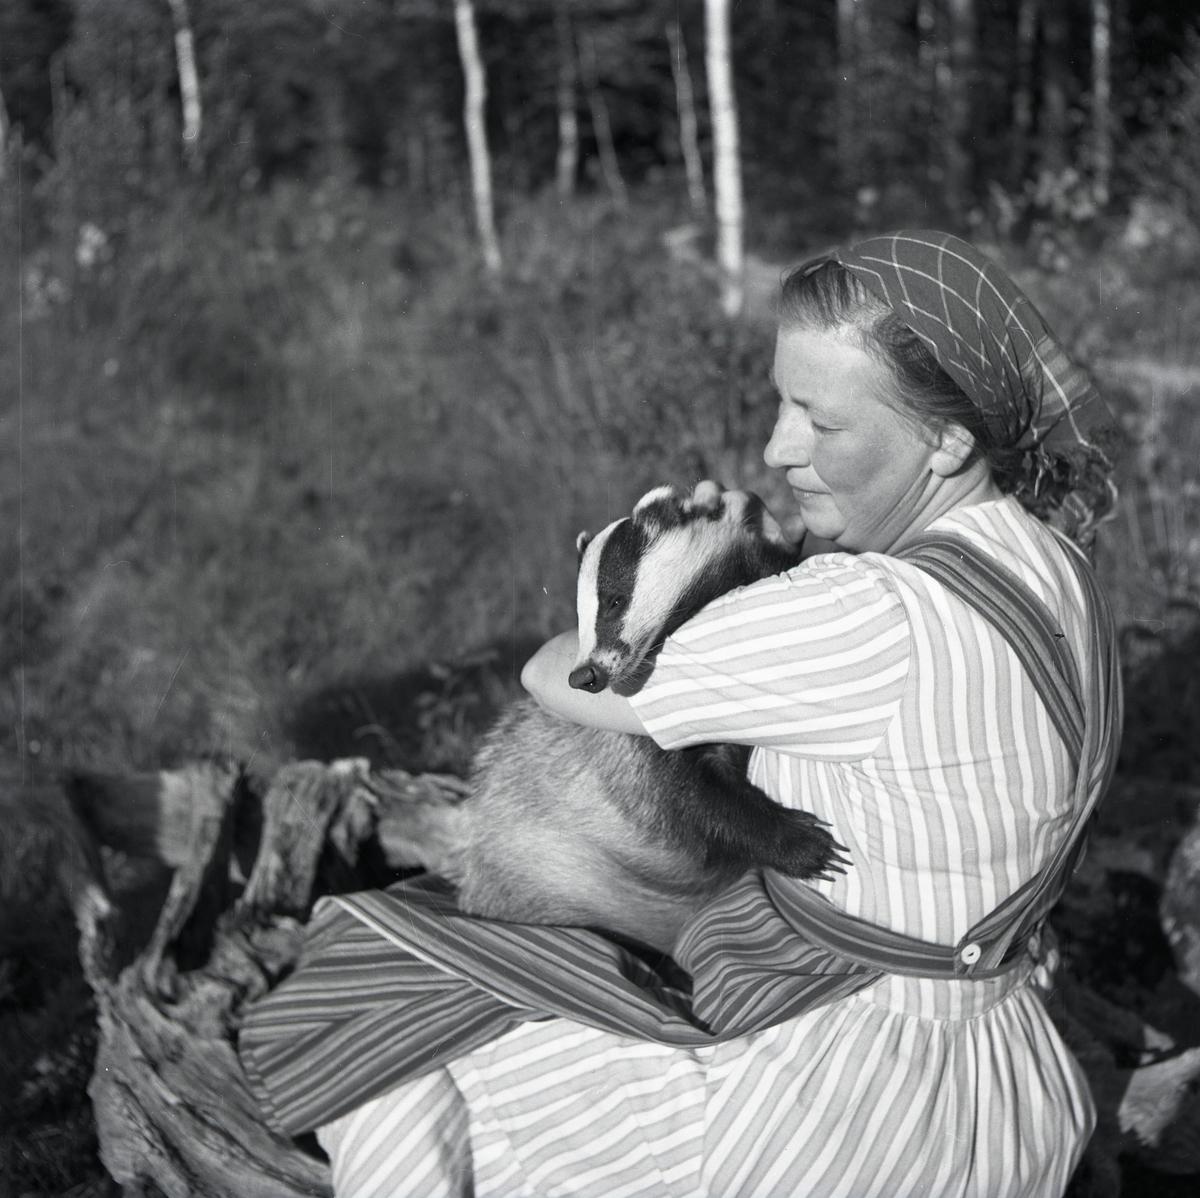 En kvinna sitter på en trädformation och håller en grävling i famnen, 13 augusti 1952.